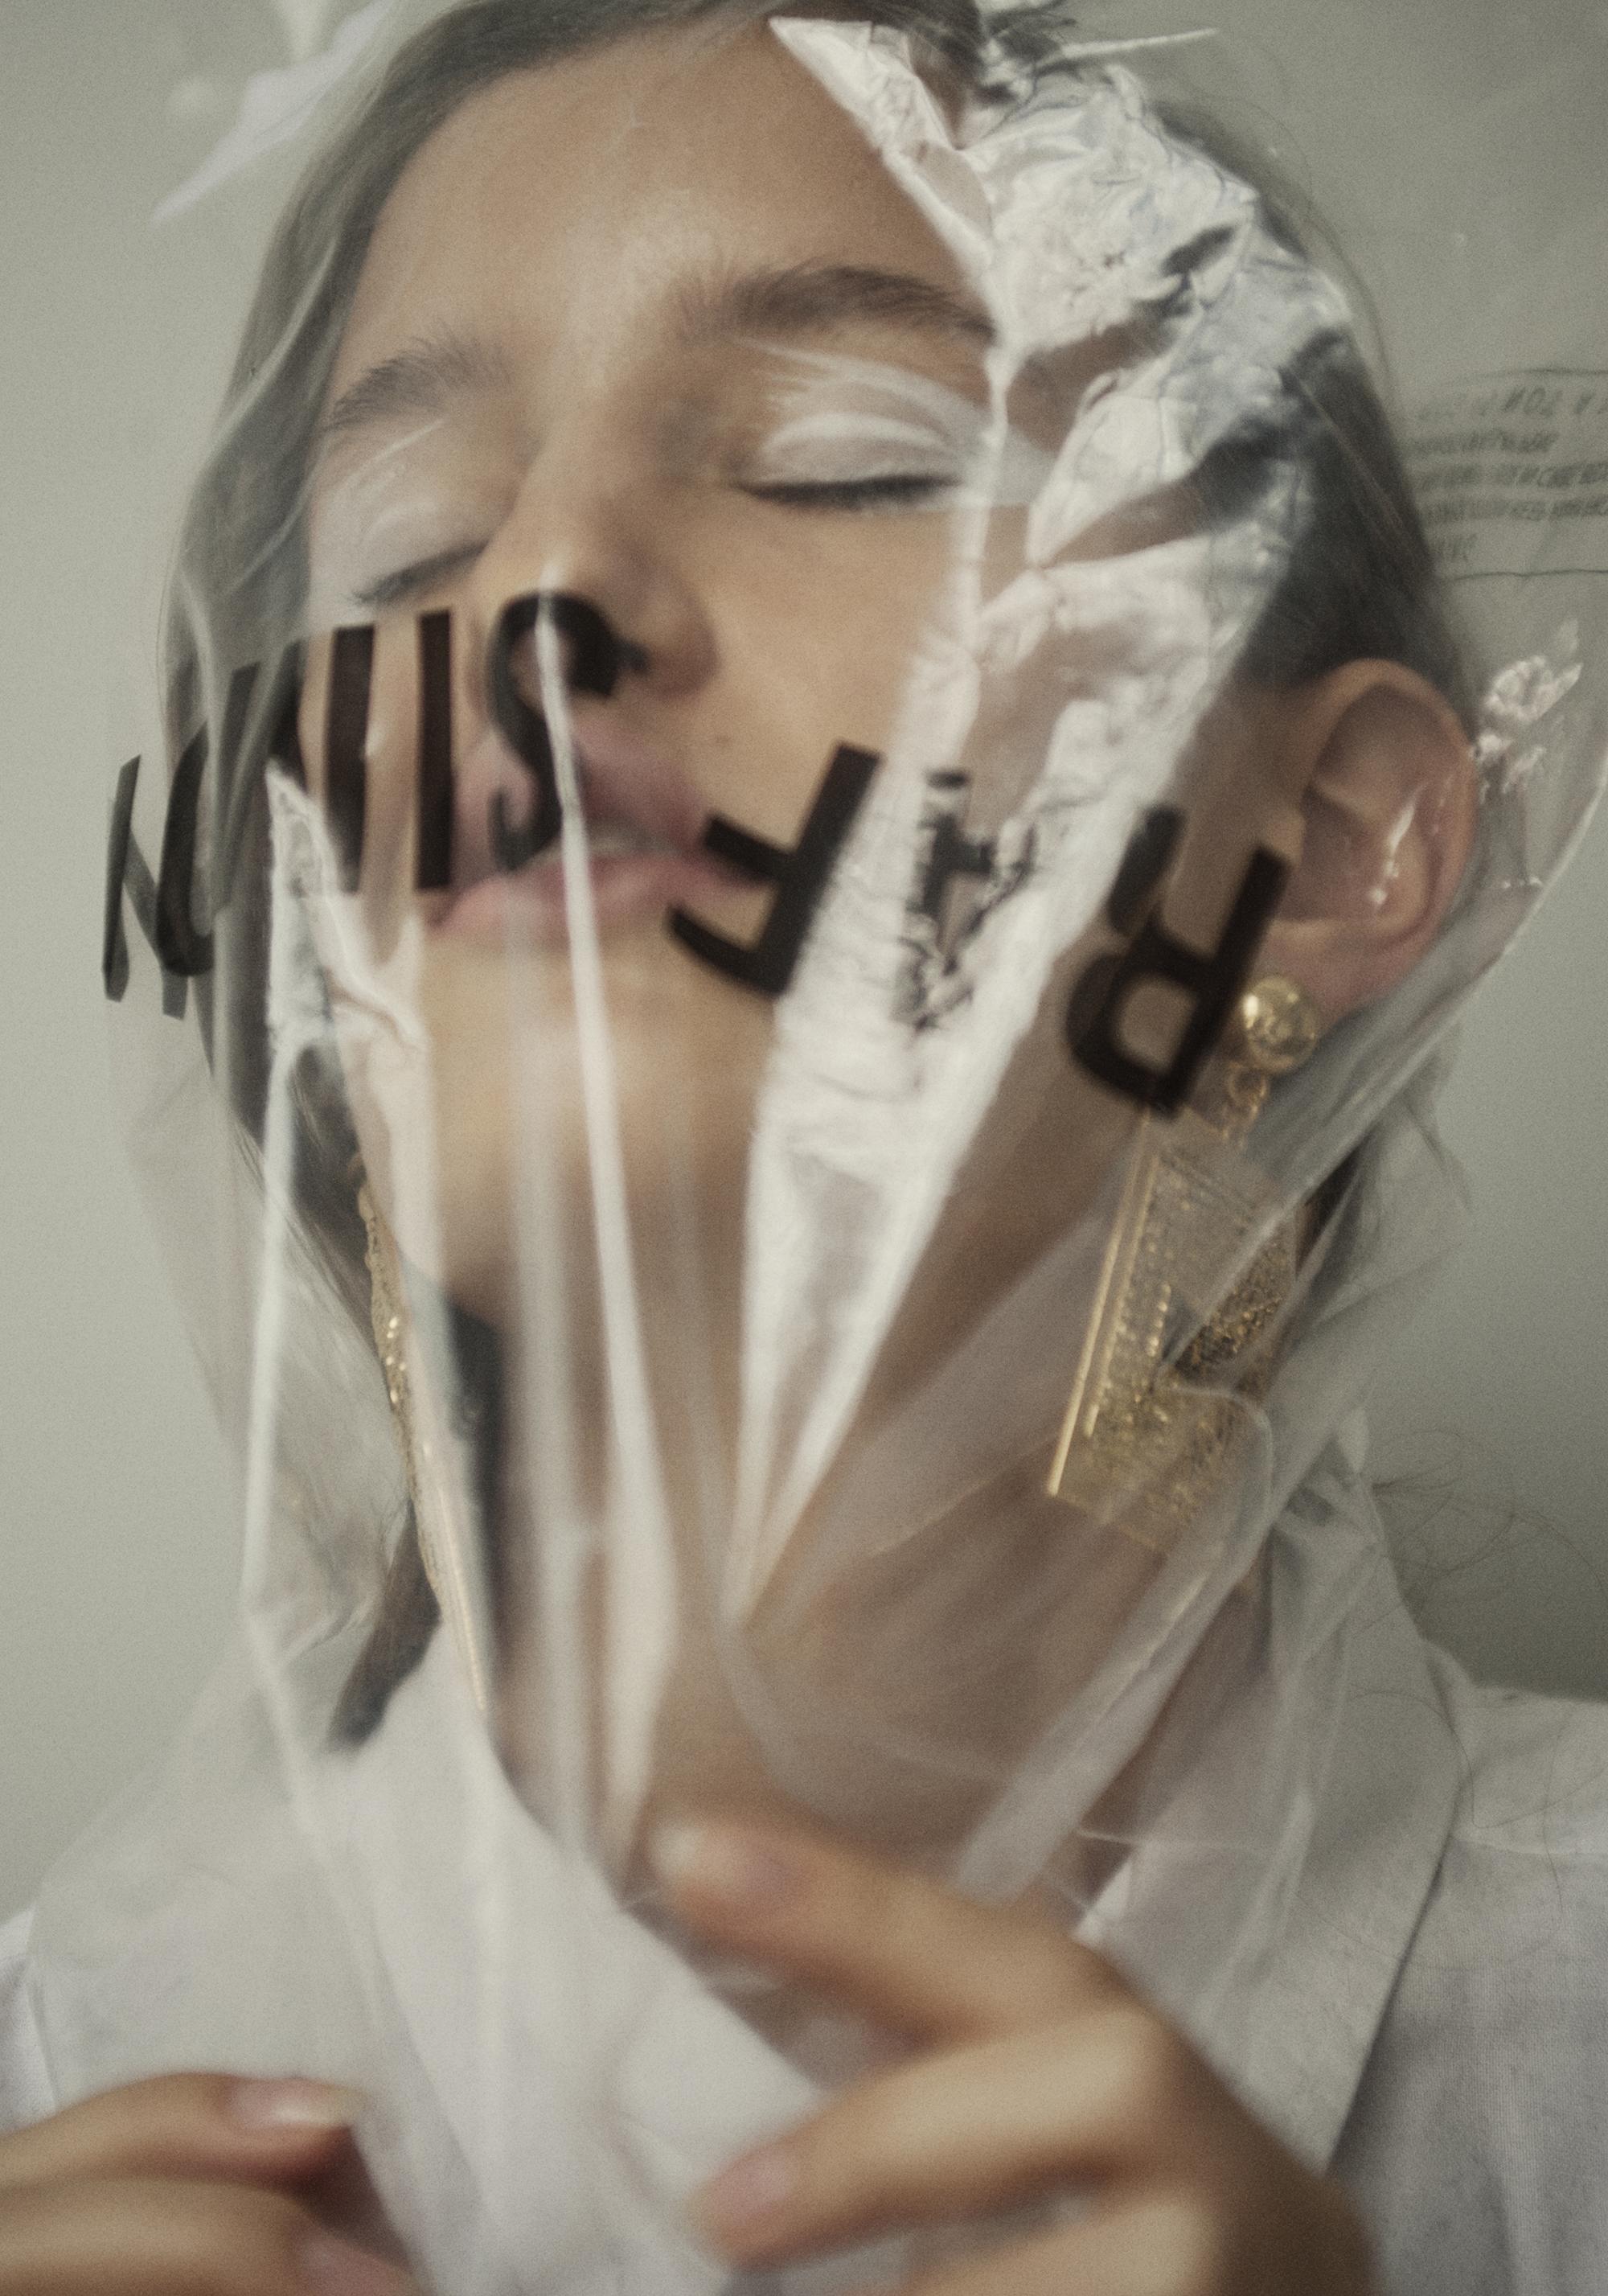 Plastic bag  Raf Simons . White shirt  Acne Studios . Earrings  Moschino X H&M